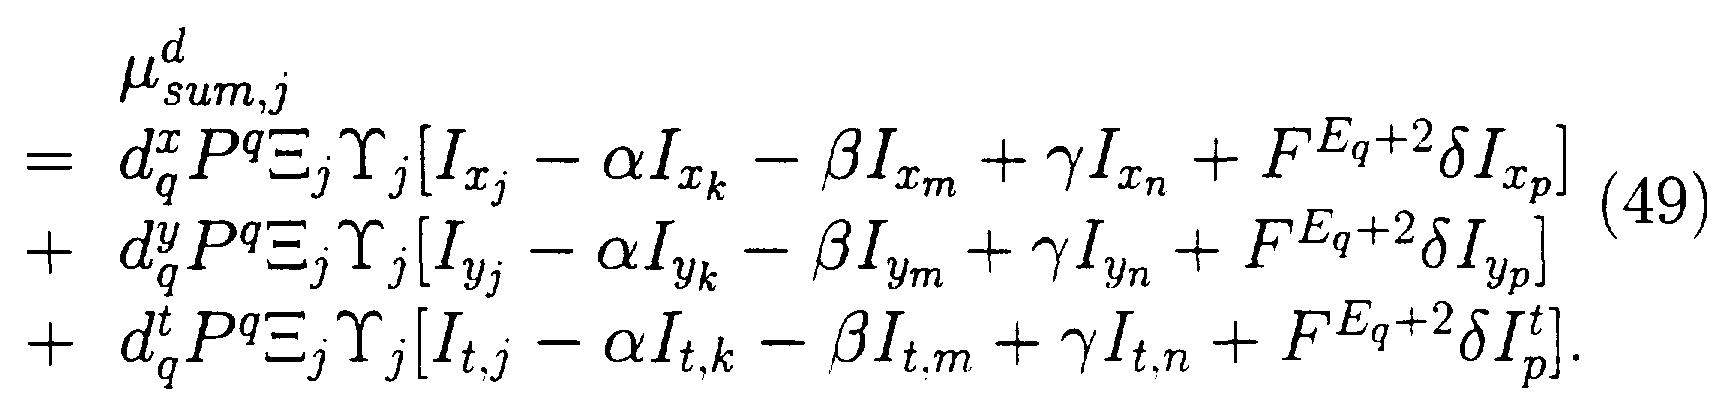 Figure imgf000057_0004